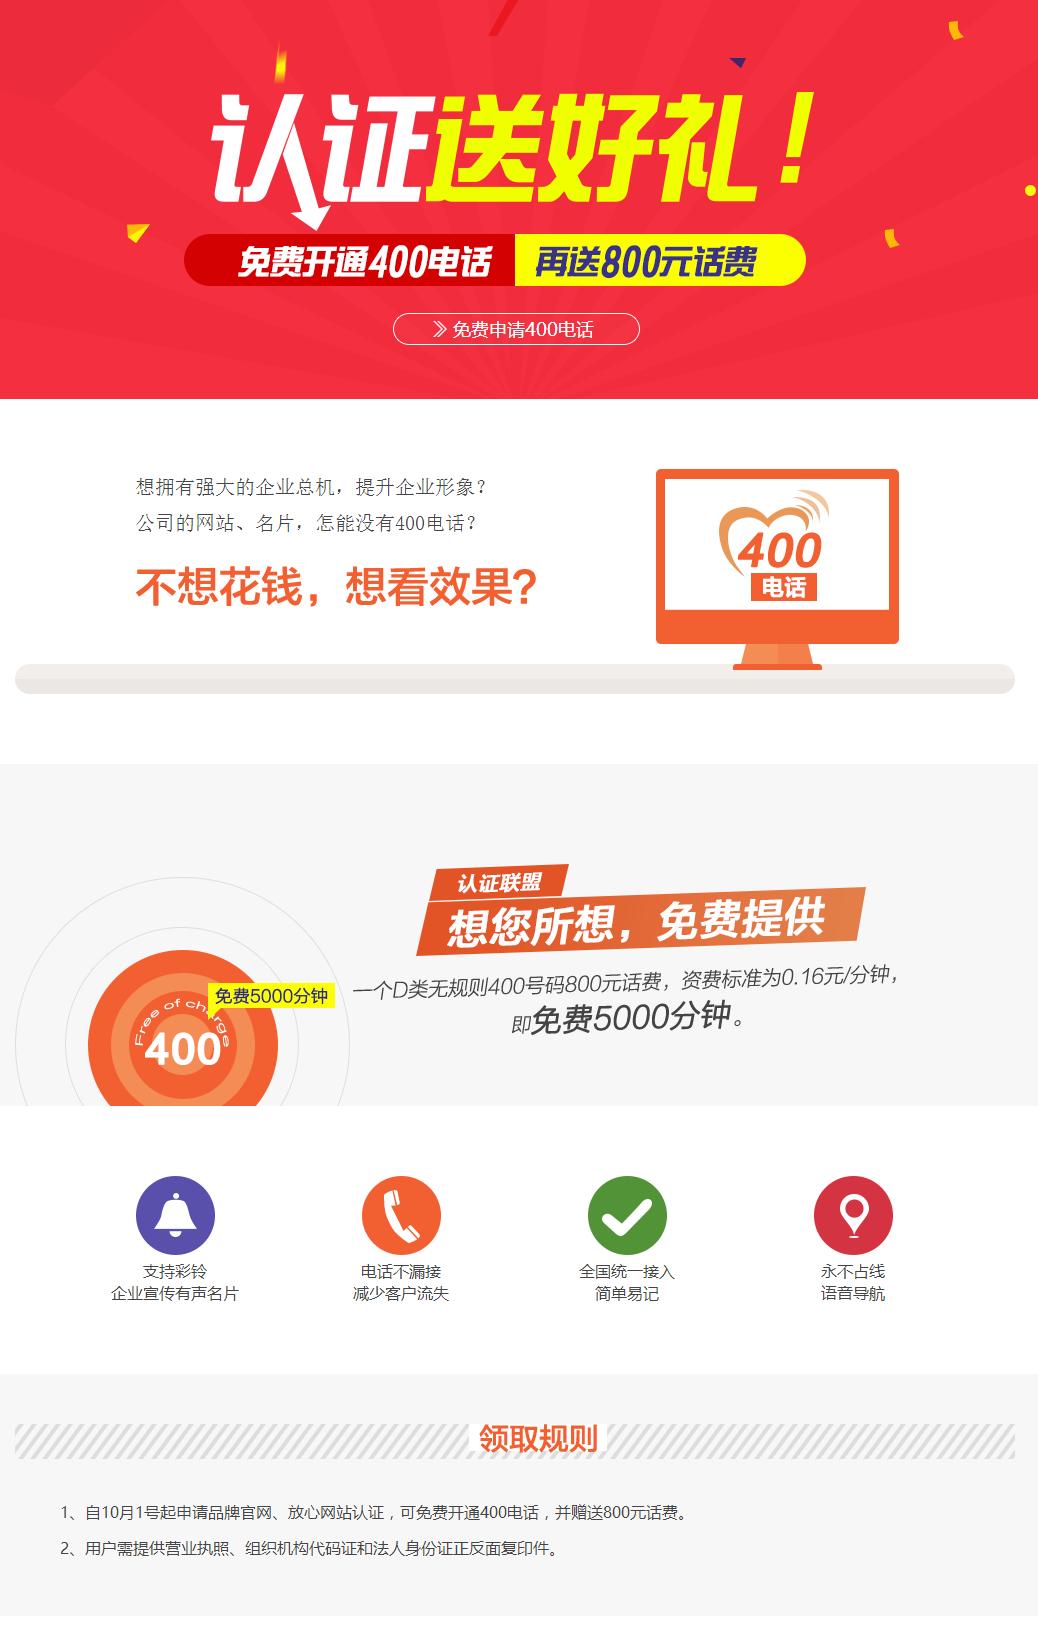 400电话通 - 凭安科技网站认证.png